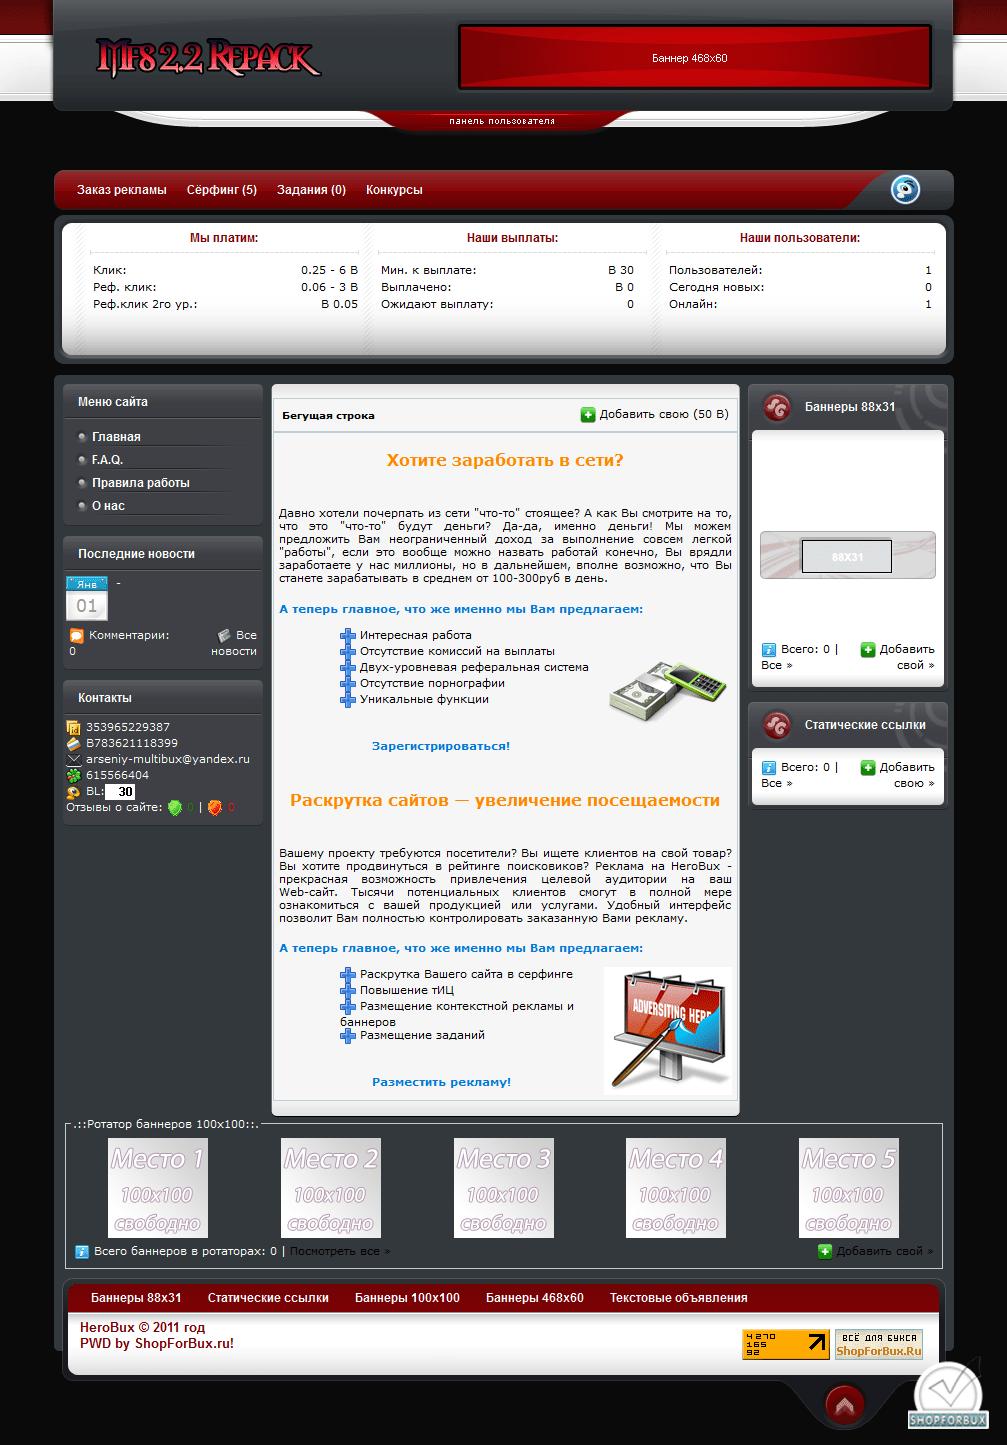 MFS 2.2 Repack 09.08.11